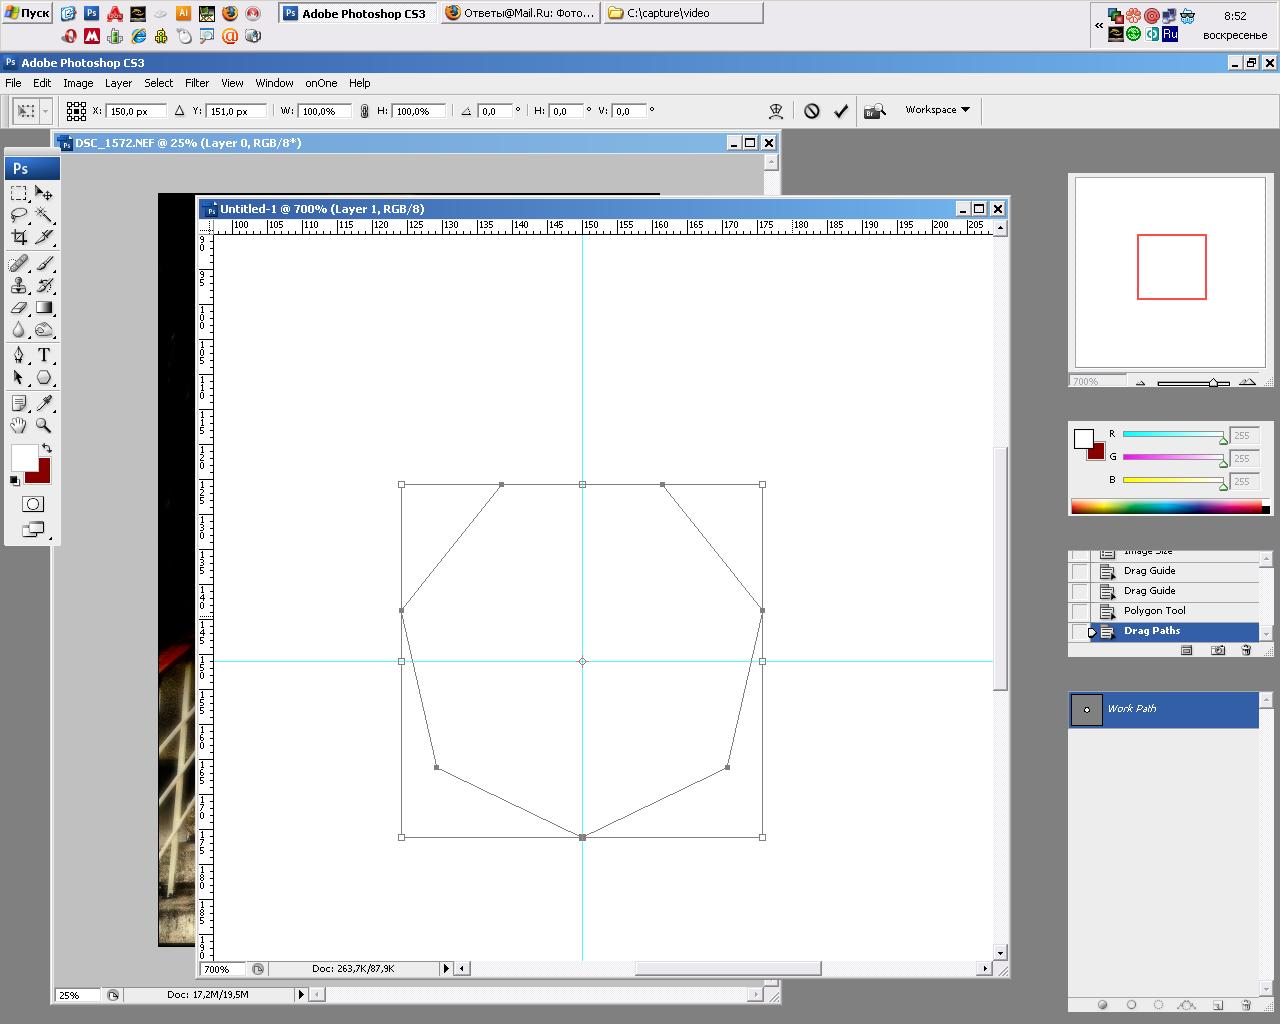 Как сделать арт вшопе cs3